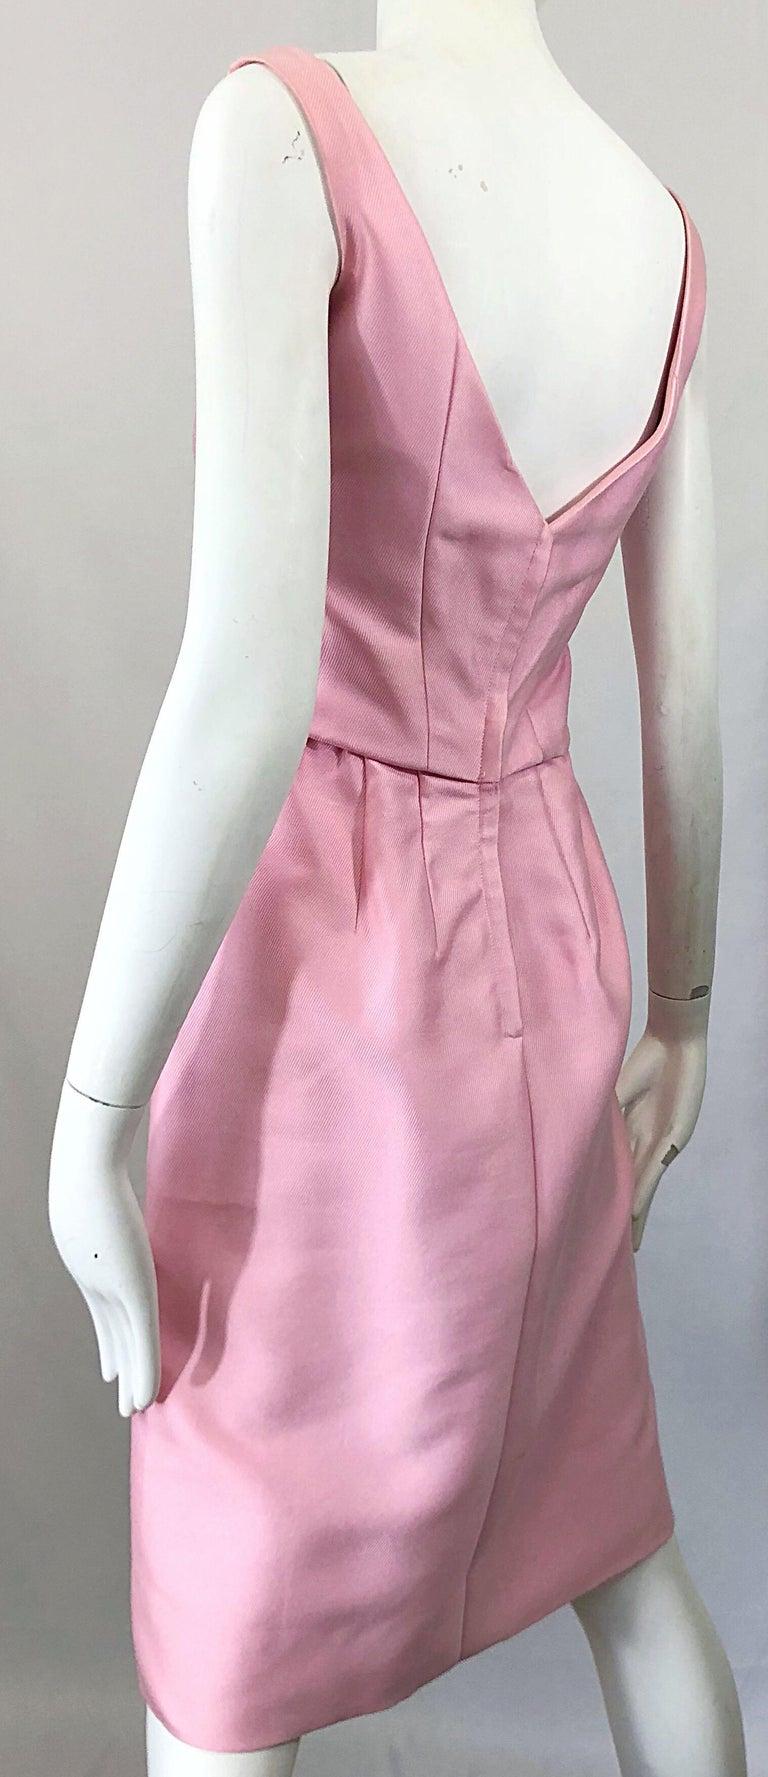 4da617dc217 Schicke der 1960er Jahre Pat Sandler hell rosa Vintage 60er Jahre Seide  Etuikleid und Jacke Anzug